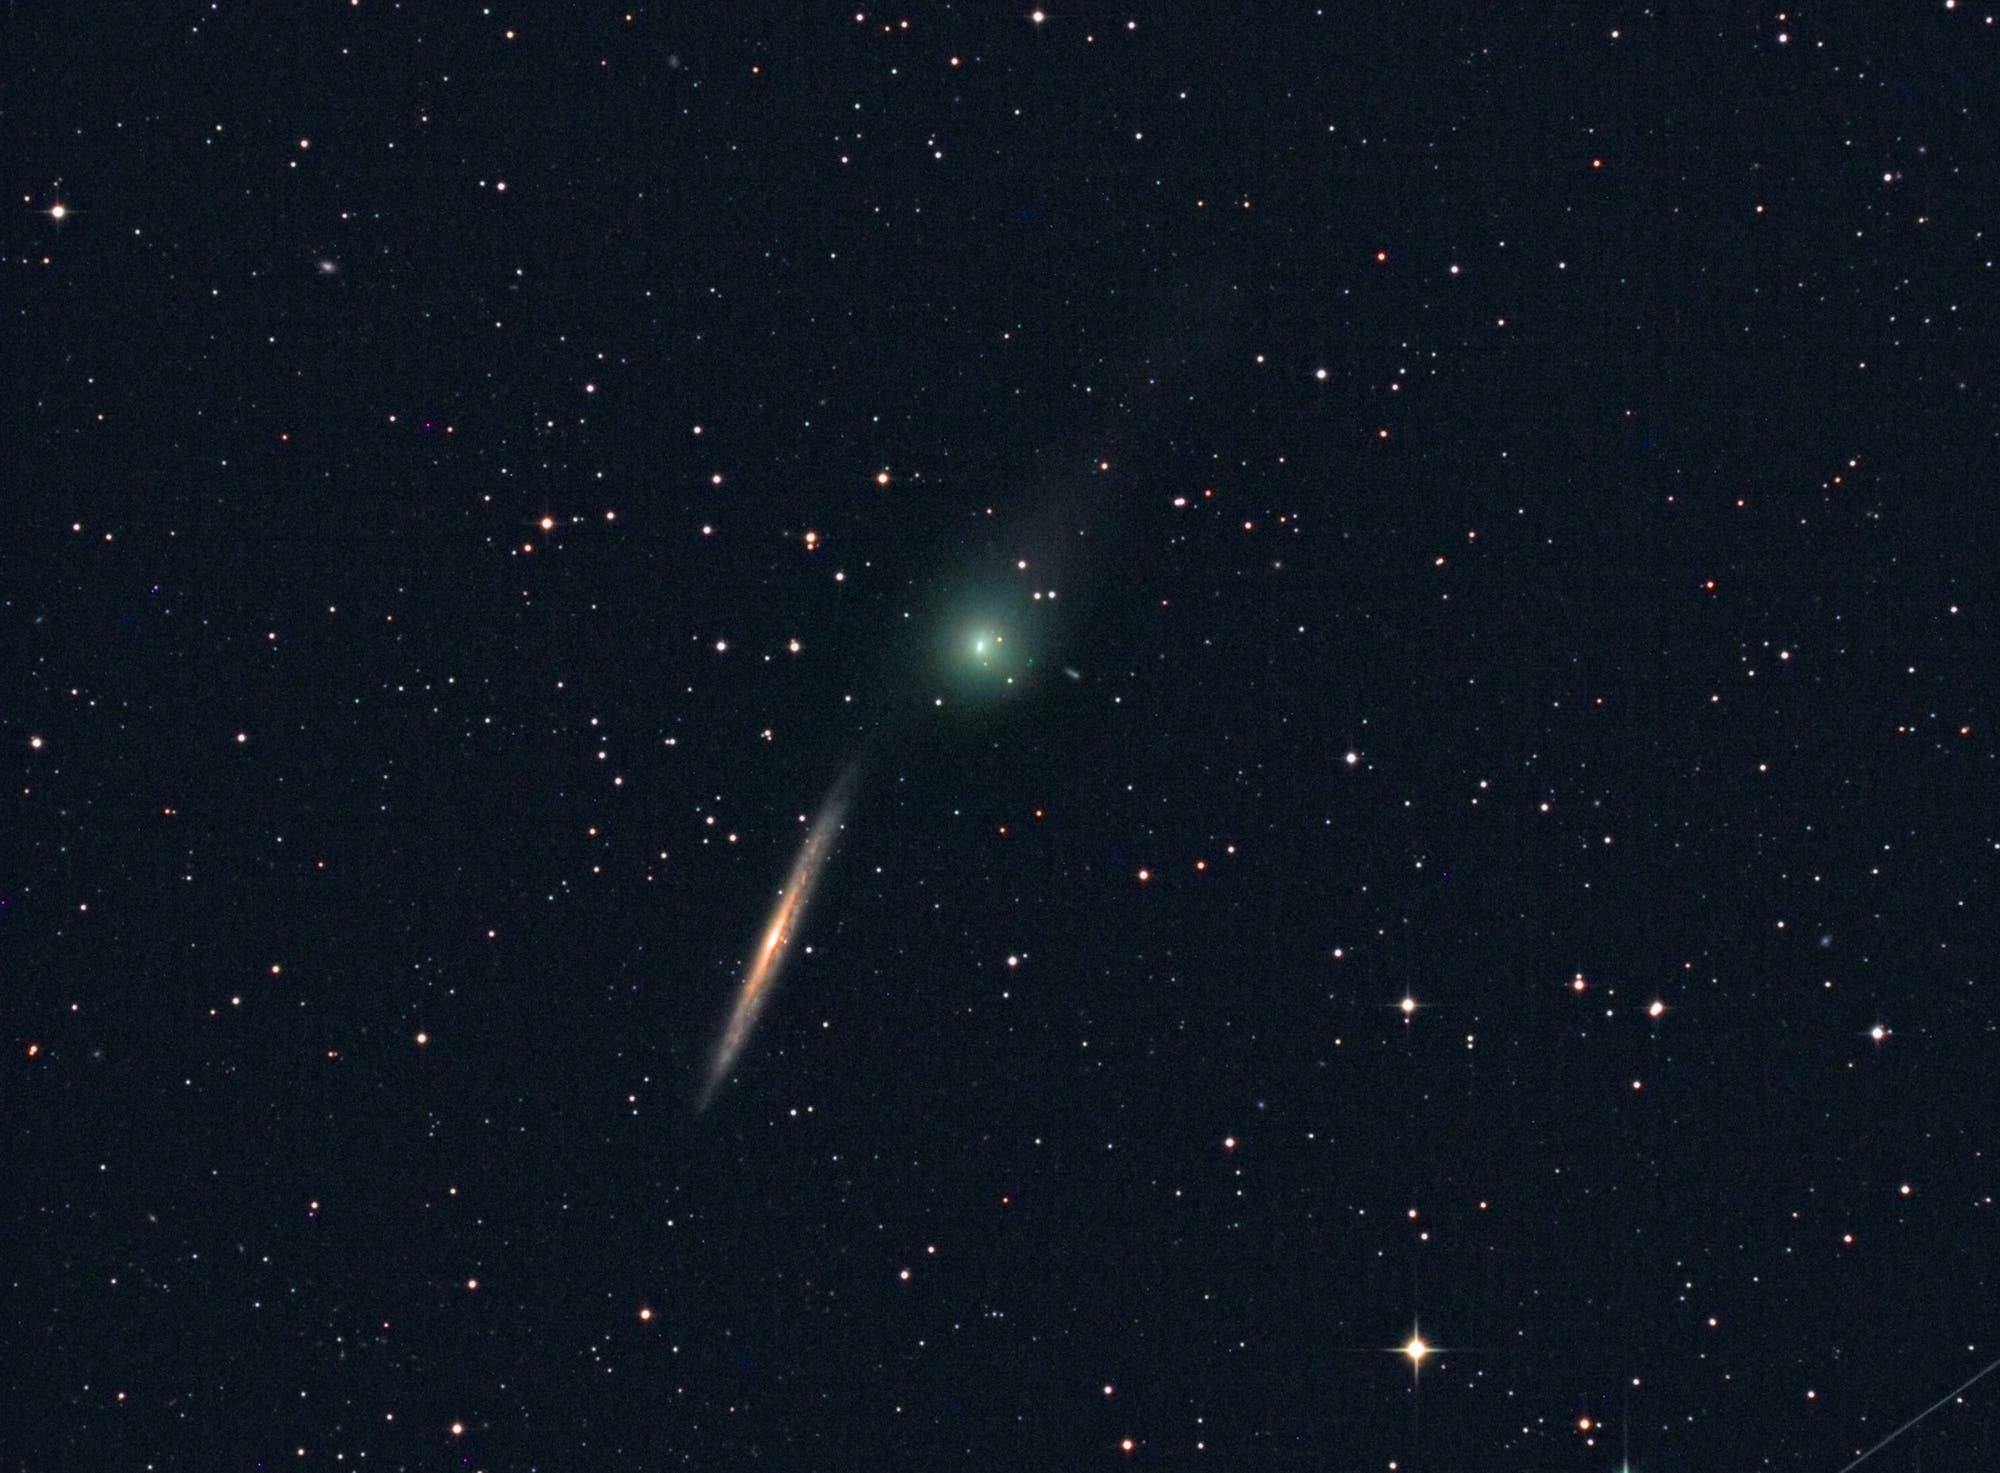 Komet C/2014 Q2 Lovejoy begegnet NGC 5907